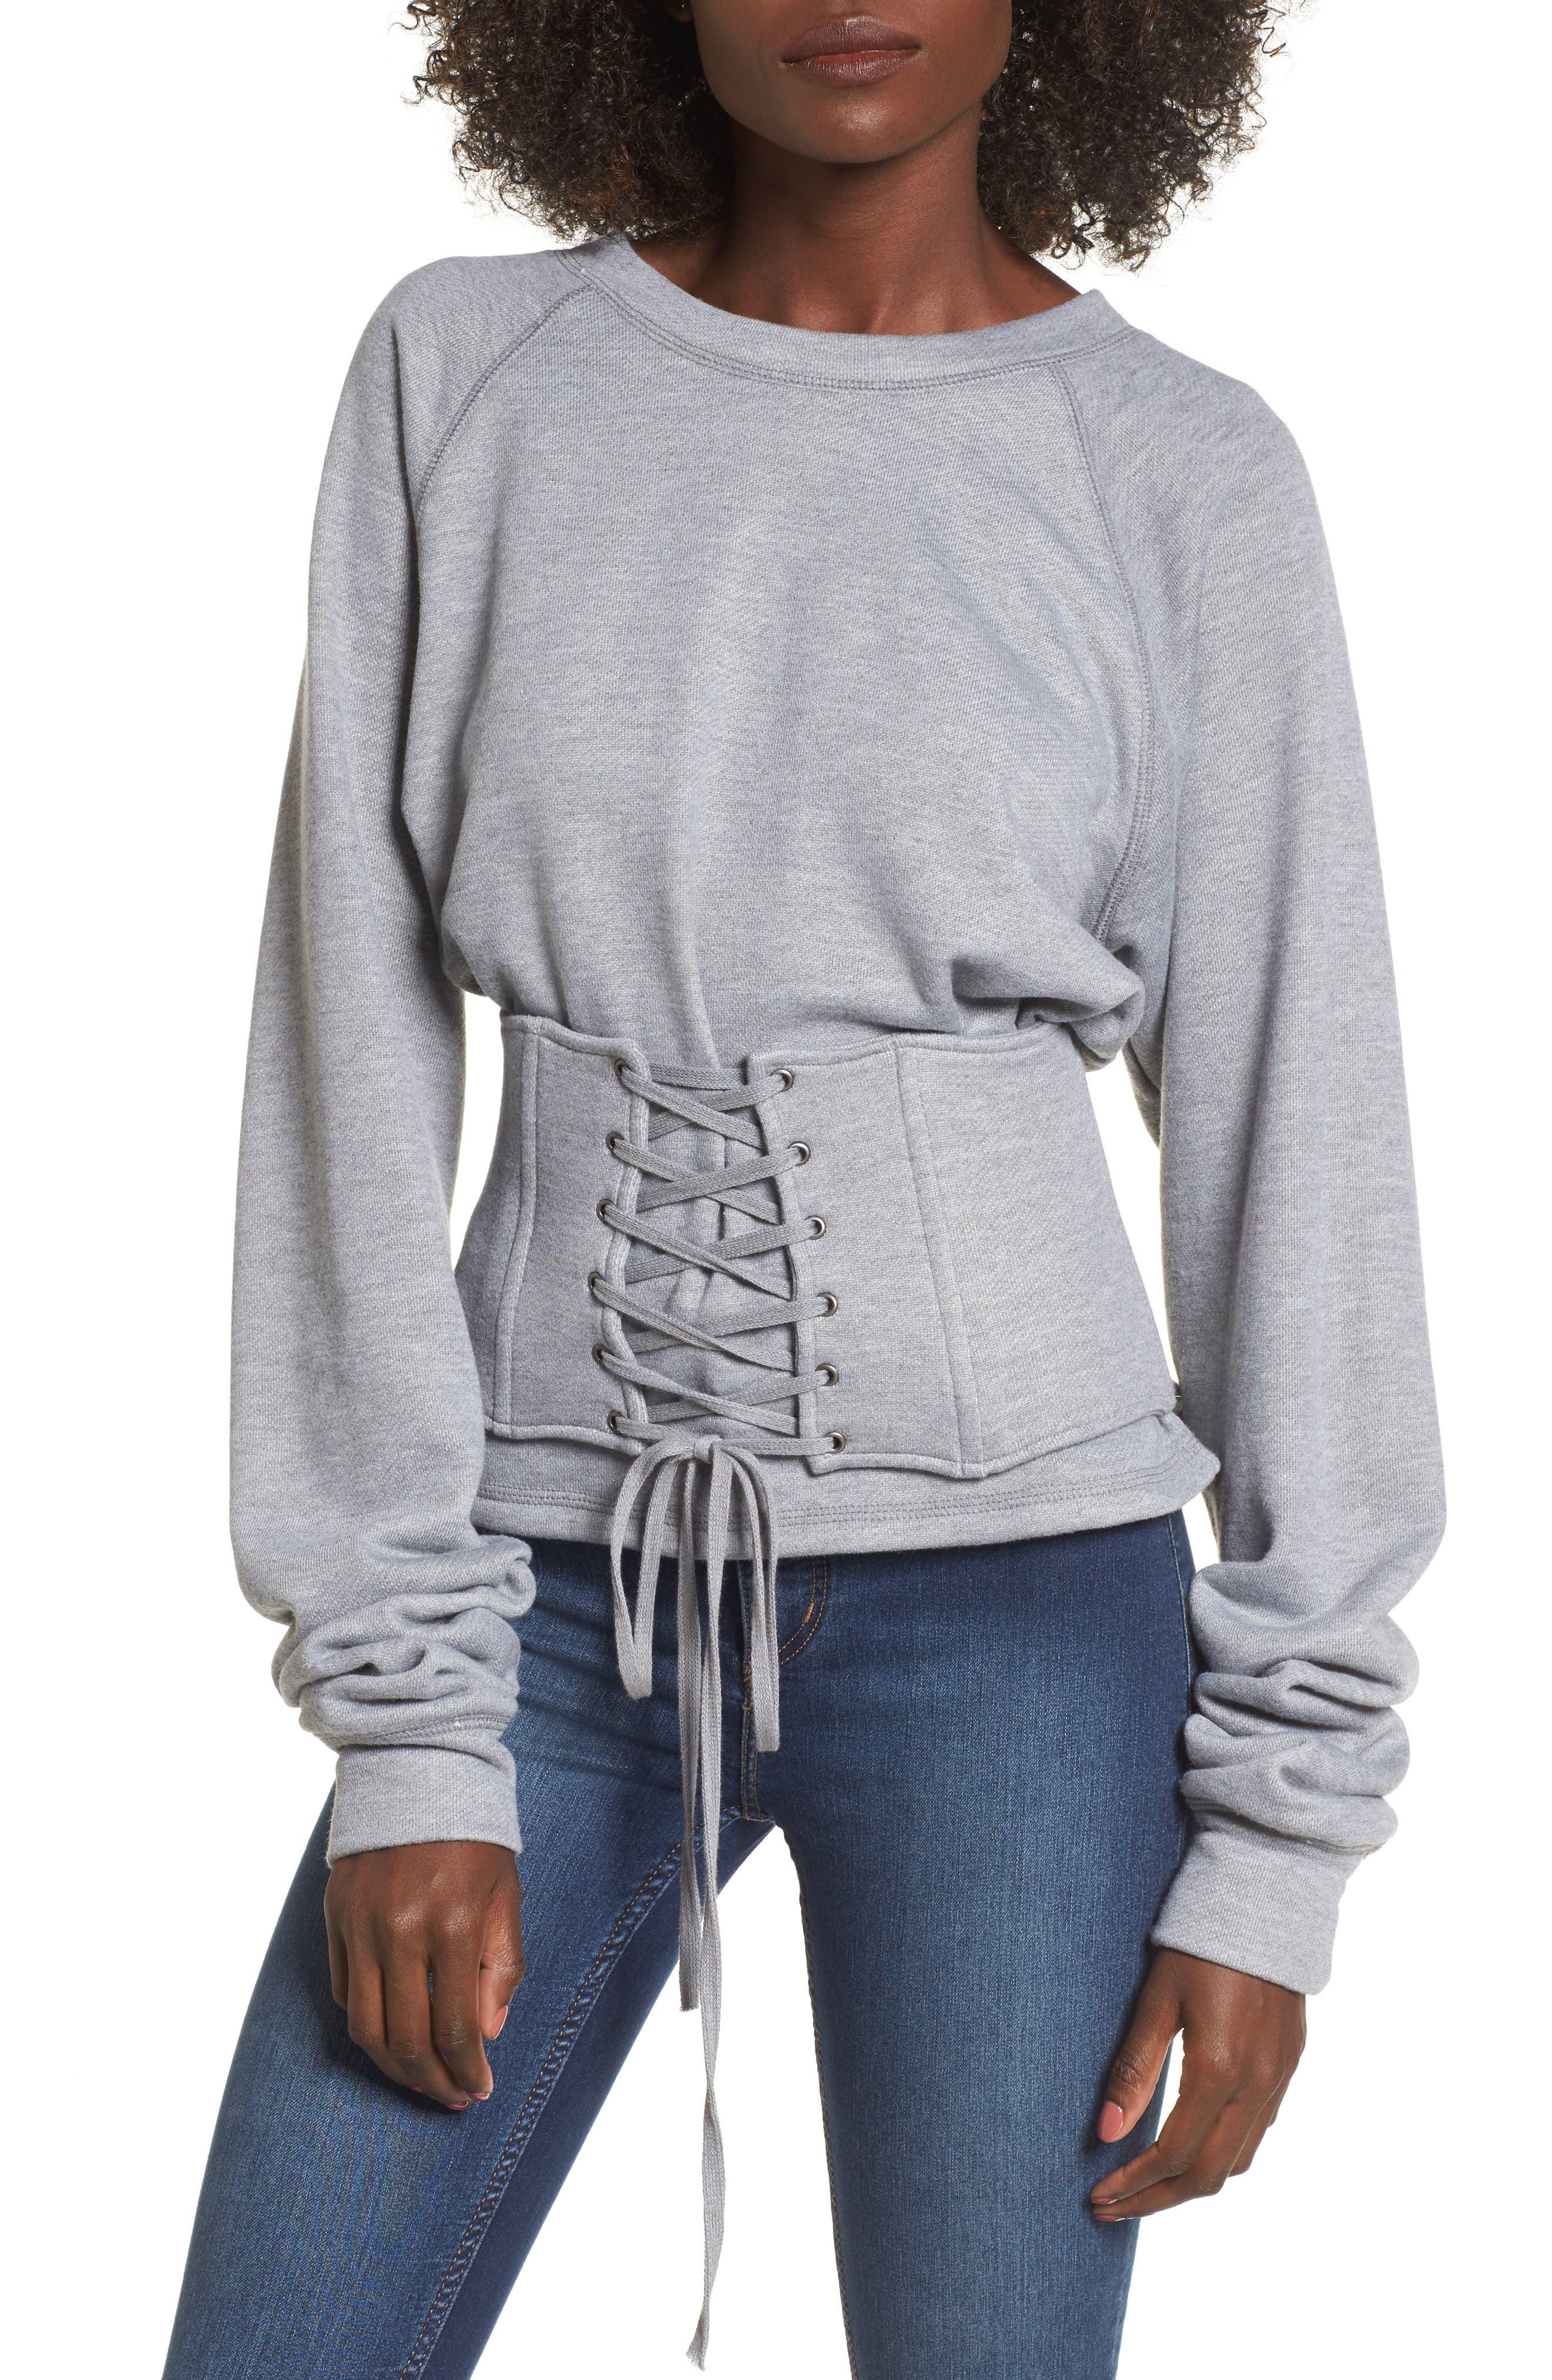 Mason Corset Sweatshirt,                         Main,                         color, 020